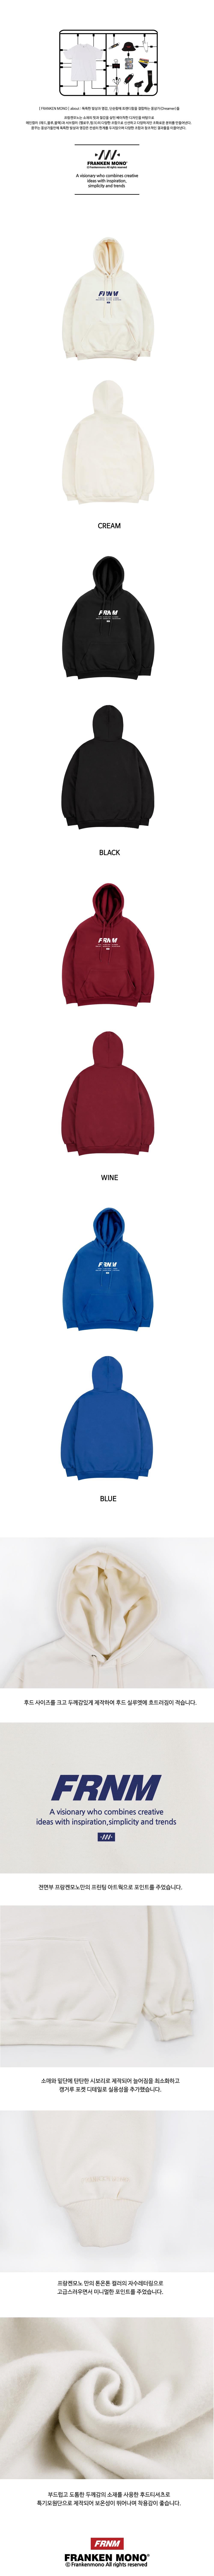 FRK-690_FIT02.jpg